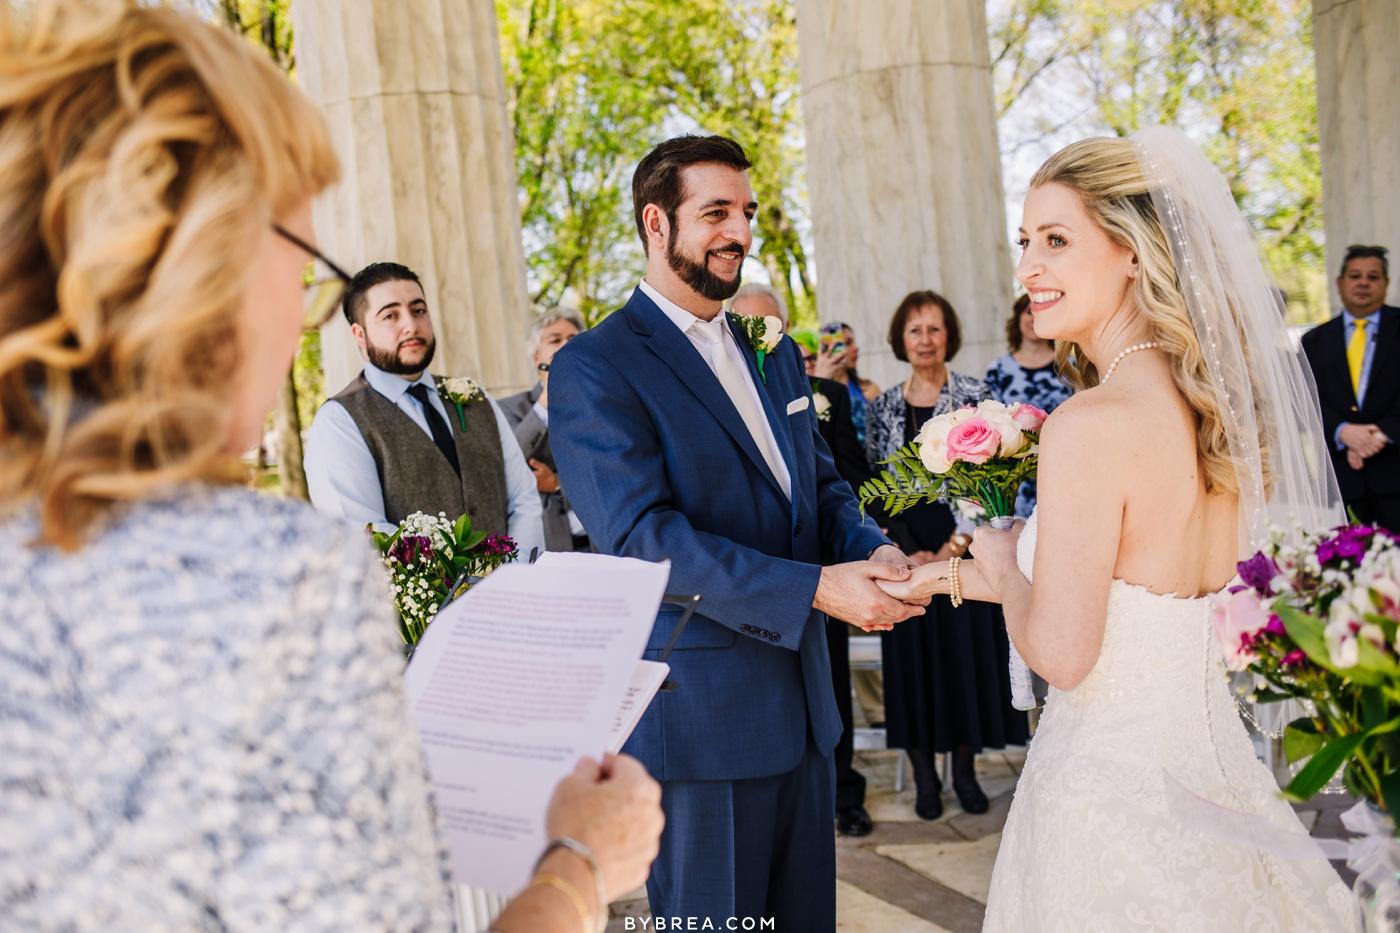 Wedding ceremony D.C. War Memorial